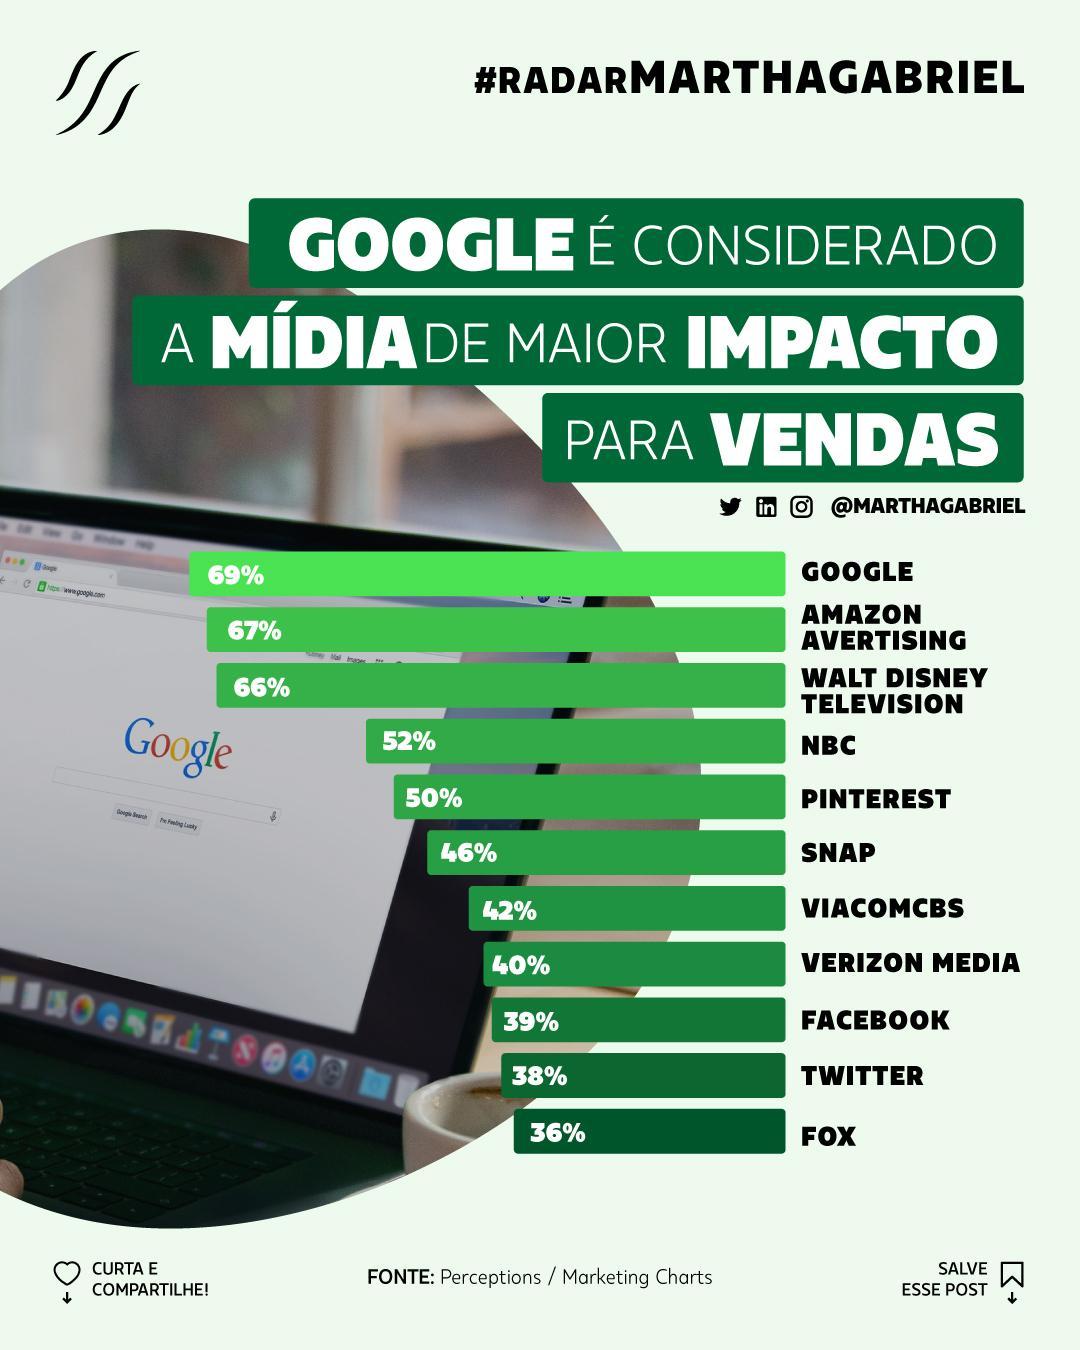 Google é considerado a mídia de maior impacto para vendas